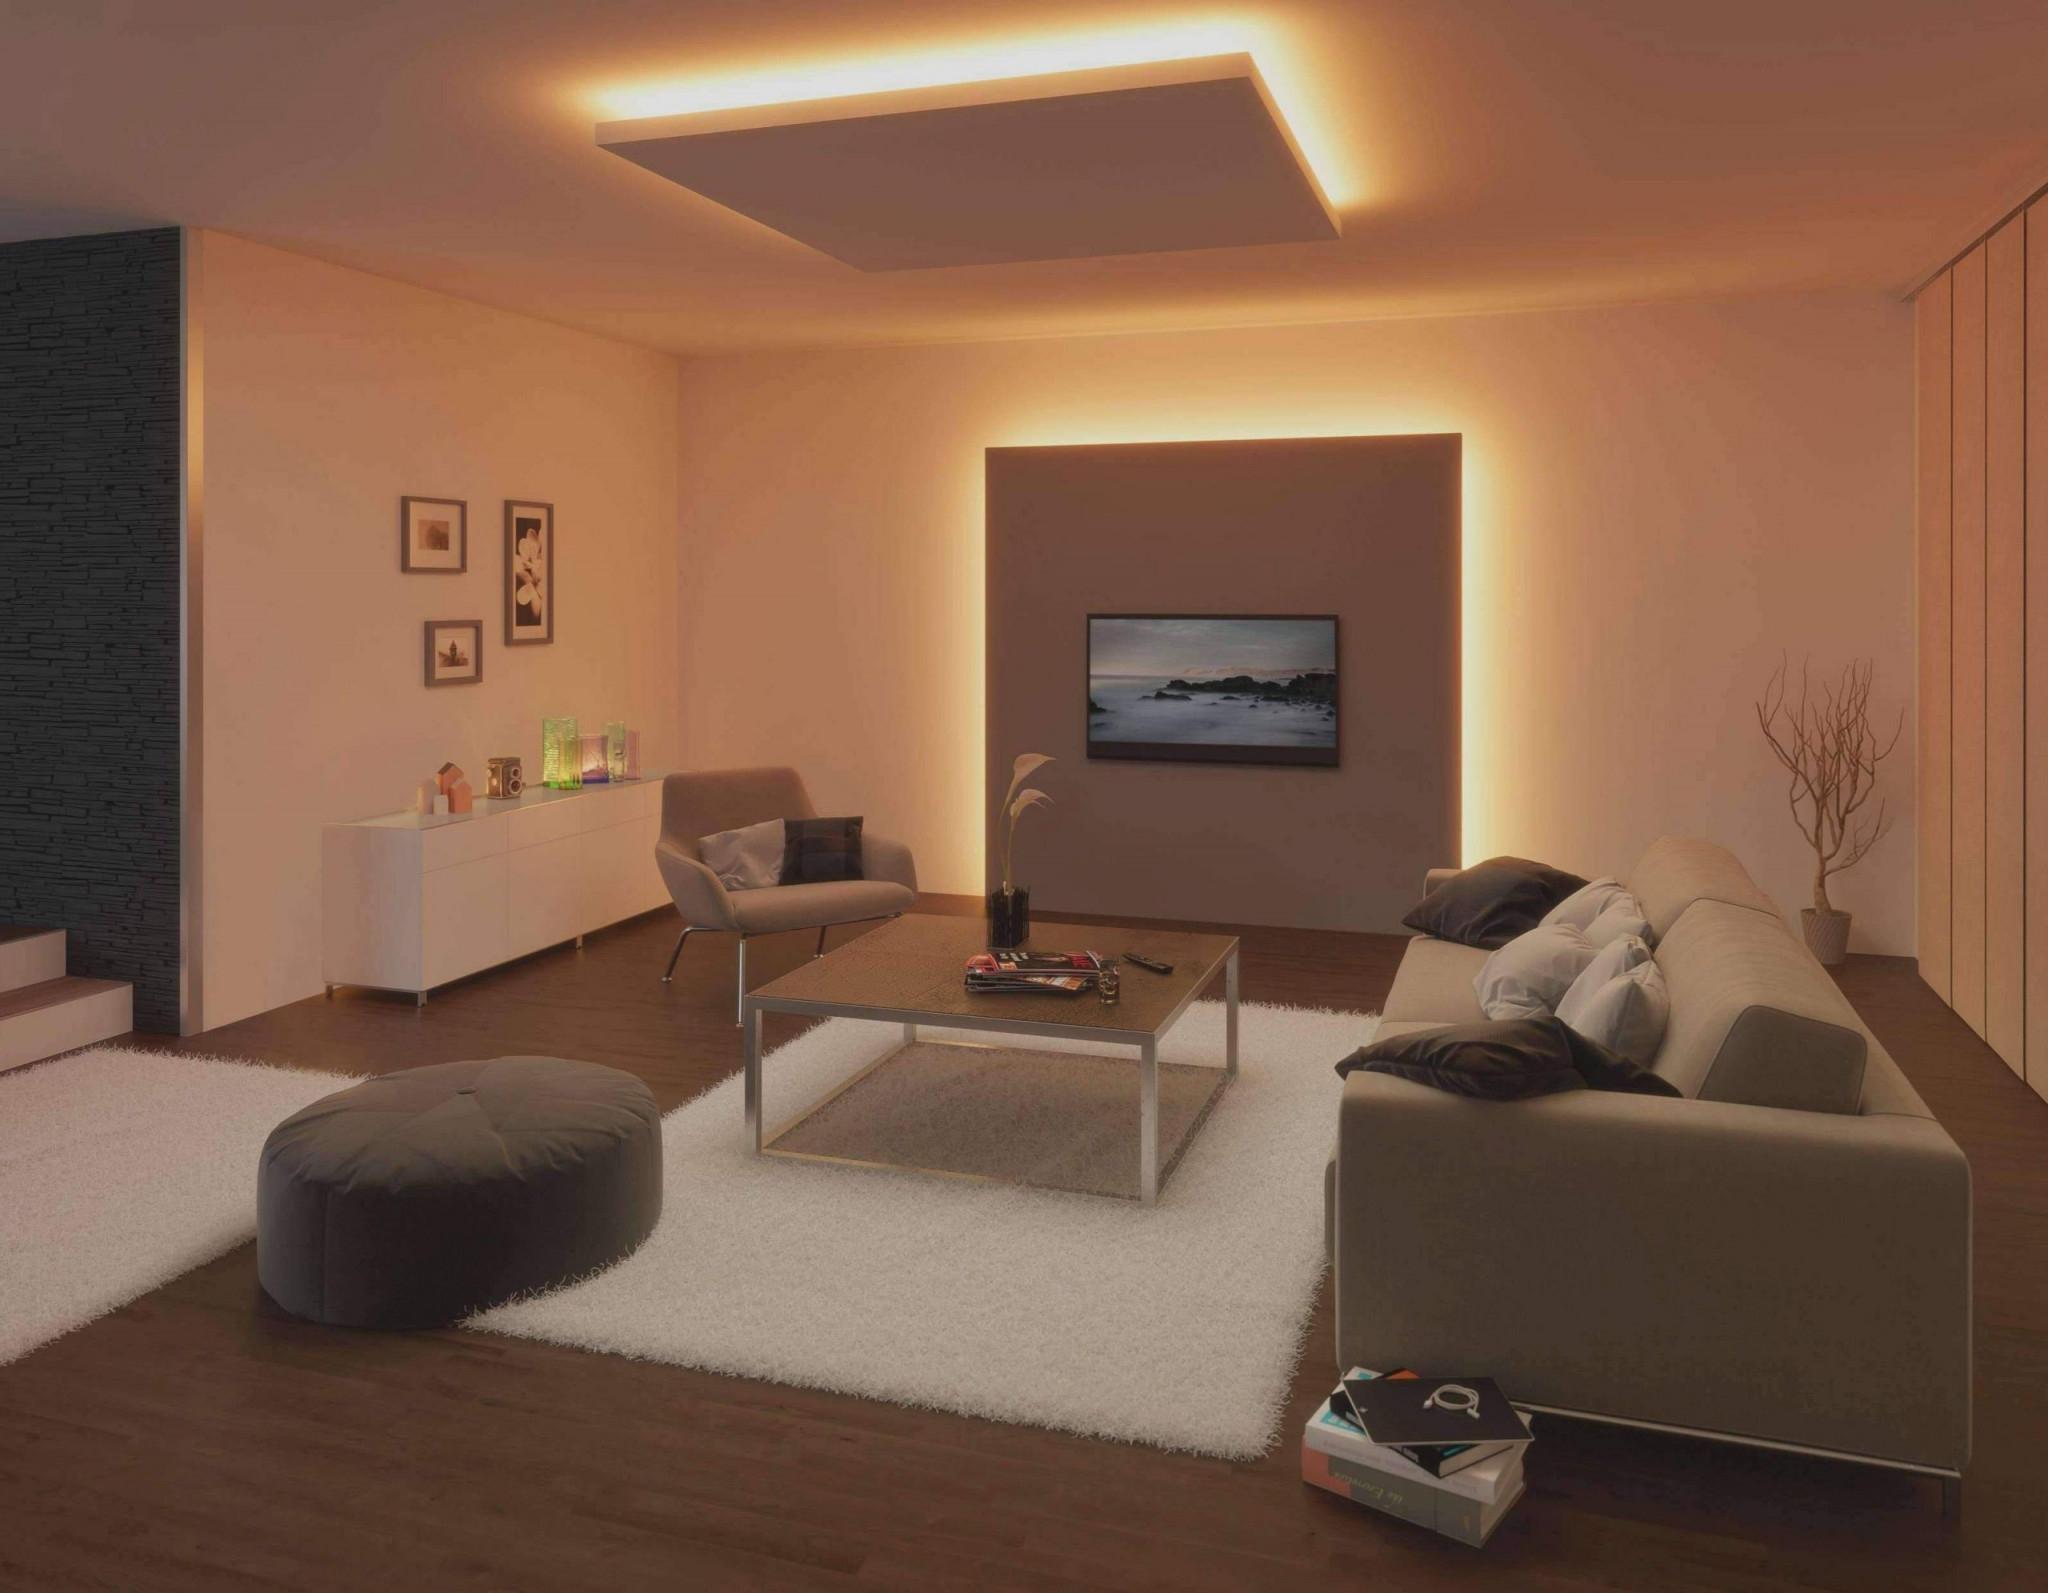 29 Neu Licht Ideen Wohnzimmer Einzigartig  Wohnzimmer Frisch von Lampe Wohnzimmer Decke Bild